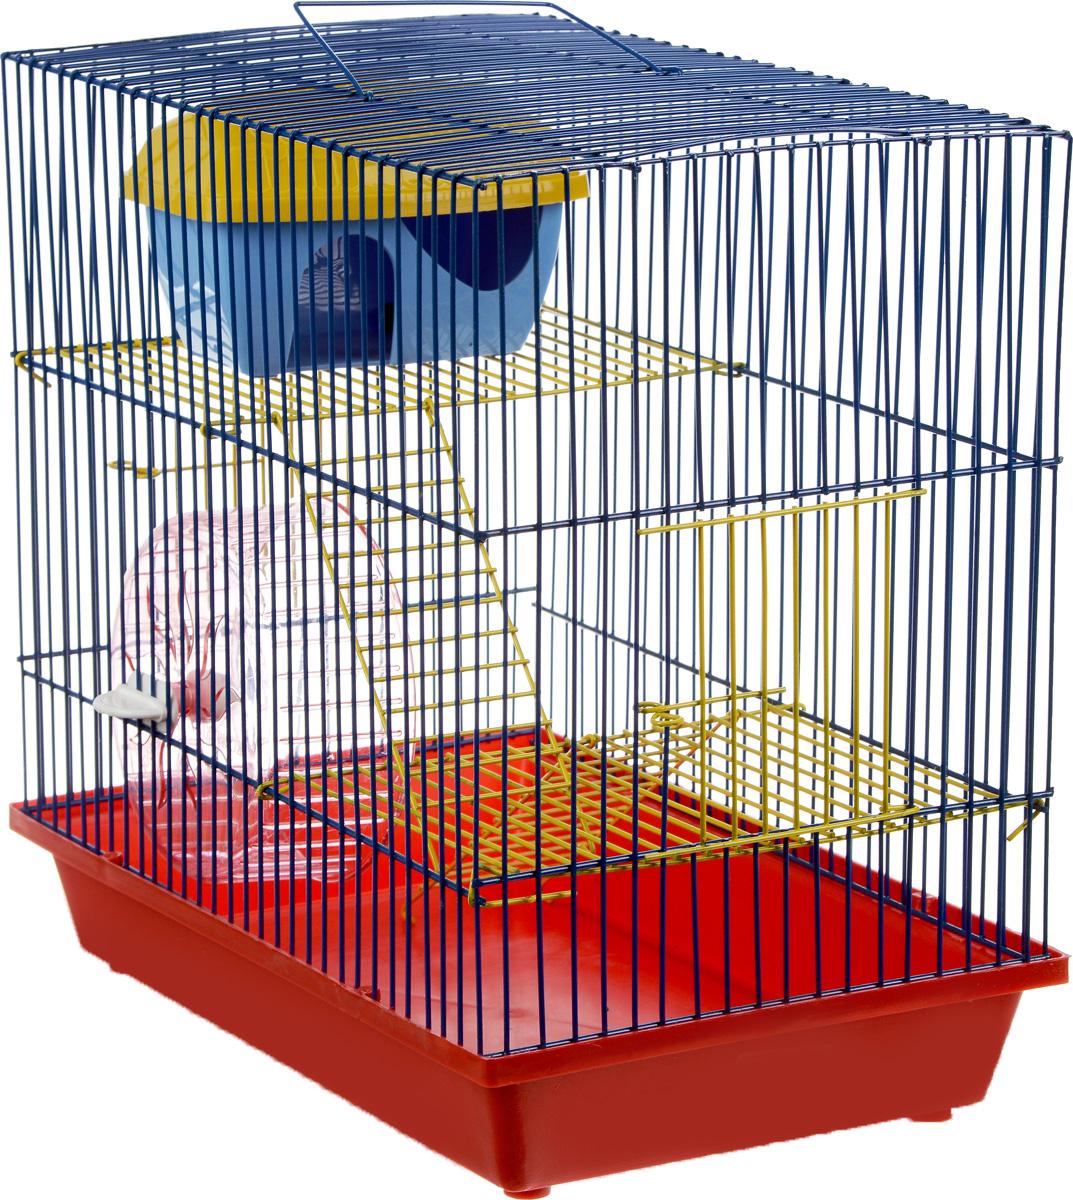 Клетка для грызунов ЗооМарк, 3-этажная, цвет: красный поддон, синяя решетка, желтые этажи, 36 х 23 х 34,5 см. 135ж135ж_красный, синийКлетка ЗооМарк, выполненная из полипропилена и металла, подходит для мелких грызунов. Изделие трехэтажное, оборудовано колесом для подвижных игр и пластиковым домиком. Клетка имеет яркий поддон, удобна в использовании и легко чистится. Сверху имеется ручка для переноски. Такая клетка станет уединенным личным пространством и уютным домиком для маленького грызуна.